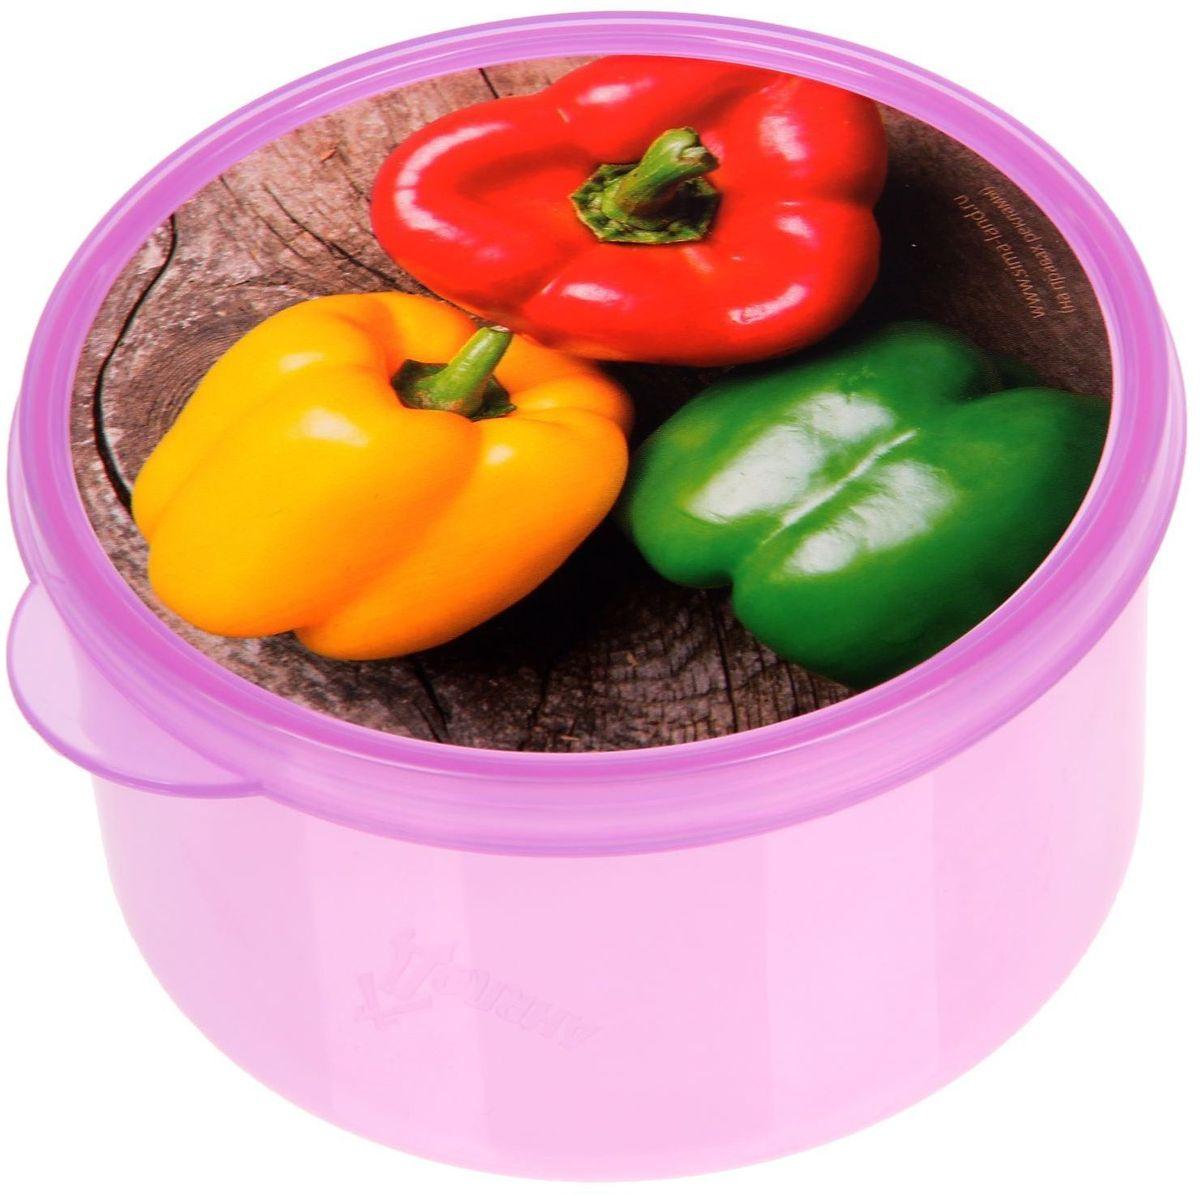 Ланч-бокс Доляна №26, круглый, 500 млFA-5125 WhiteЕсли после вкусного обеда осталась еда, а насладиться трапезой хочется и на следующий день, ланч-бокс станет отличным решением данной проблемы!Такой контейнер является незаменимым предметом кухонной утвари, ведь у него много преимуществ:Простота ухода. Ланч-бокс достаточно промыть тёплой водой с небольшим количеством чистящего средства, и он снова готов к использованию.Вместительность. Большой выбор форм и объёма поможет разместить разнообразные продукты от сахара до супов.Эргономичность. Ланч-боксы очень легко хранить даже в самой маленькой кухне, так как их можно поставить один в другой по принципу матрёшки.Многофункциональность. Разнообразие цветов и форм делает возможным использование контейнеров не только на кухне, но и в других областях домашнего быта.Любители приготовления обеда на всю семью в большинстве случаев приобретают ланч-боксы наборами, так как это позволяет рассортировать продукты по всевозможным признакам. К тому же контейнеры среднего размера станут незаменимыми помощниками на работе: ведь что может быть приятнее, чем порадовать себя во время обеда прекрасной едой, заботливо сохранённой в контейнере?В качестве материала для изготовления используется пластик, что делает процесс ухода за контейнером ещё более эффективным. К каждому ланч-боксу в комплекте также прилагается крышка подходящего размера, это позволяет плотно и надёжно удерживать запах еды и упрощает процесс транспортировки.Однако рекомендуется соблюдать и меры предосторожности: не использовать пластиковые контейнеры в духовых шкафах и на открытом огне, а также не разогревать в микроволновых печах при закрытой крышке ланч-бокса. Соблюдение мер безопасности позволит продлить срок эксплуатации и сохранить отличный внешний вид изделия.Эргономичный дизайн и многофункциональность таких контейнеров — вот, что является причиной большой популярности данного предмета у каждой хозяйки. А в преддверии лета и дачного сезона такое приобретение позволит